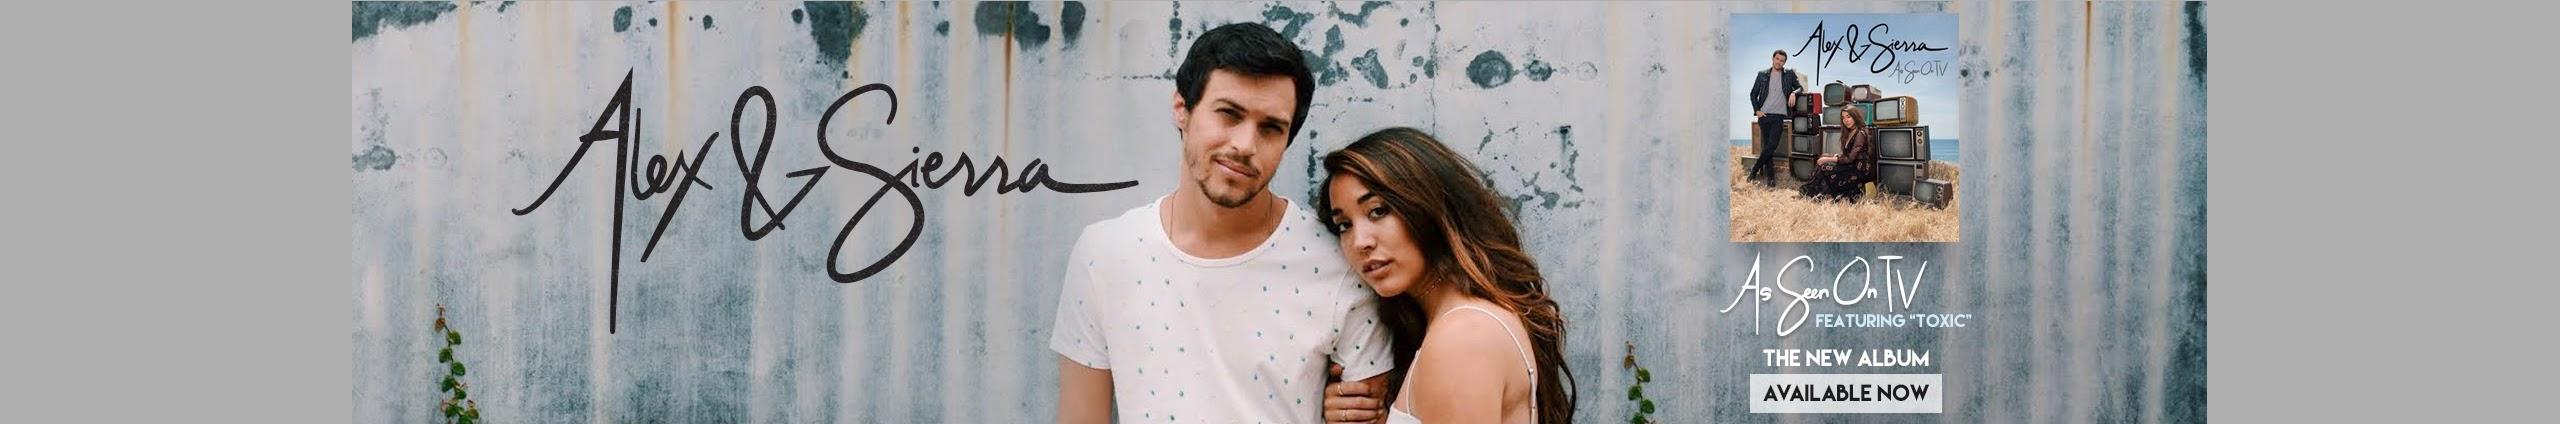 Hoe lang zijn Alex en Sierra dating onafhankelijke dating website